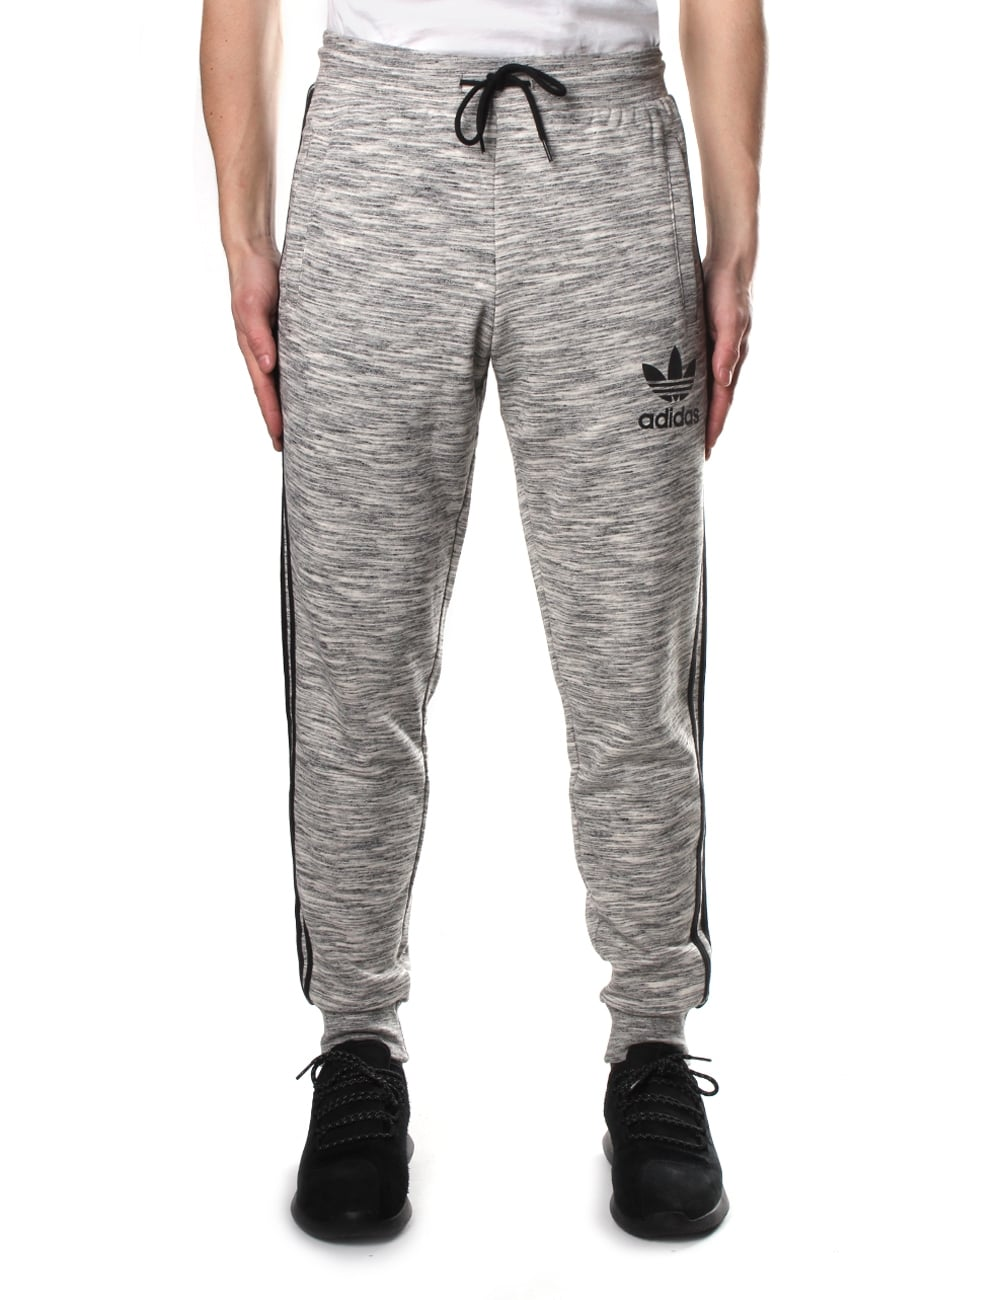 57de585d9a Adidas CLFN Men's Track Pants